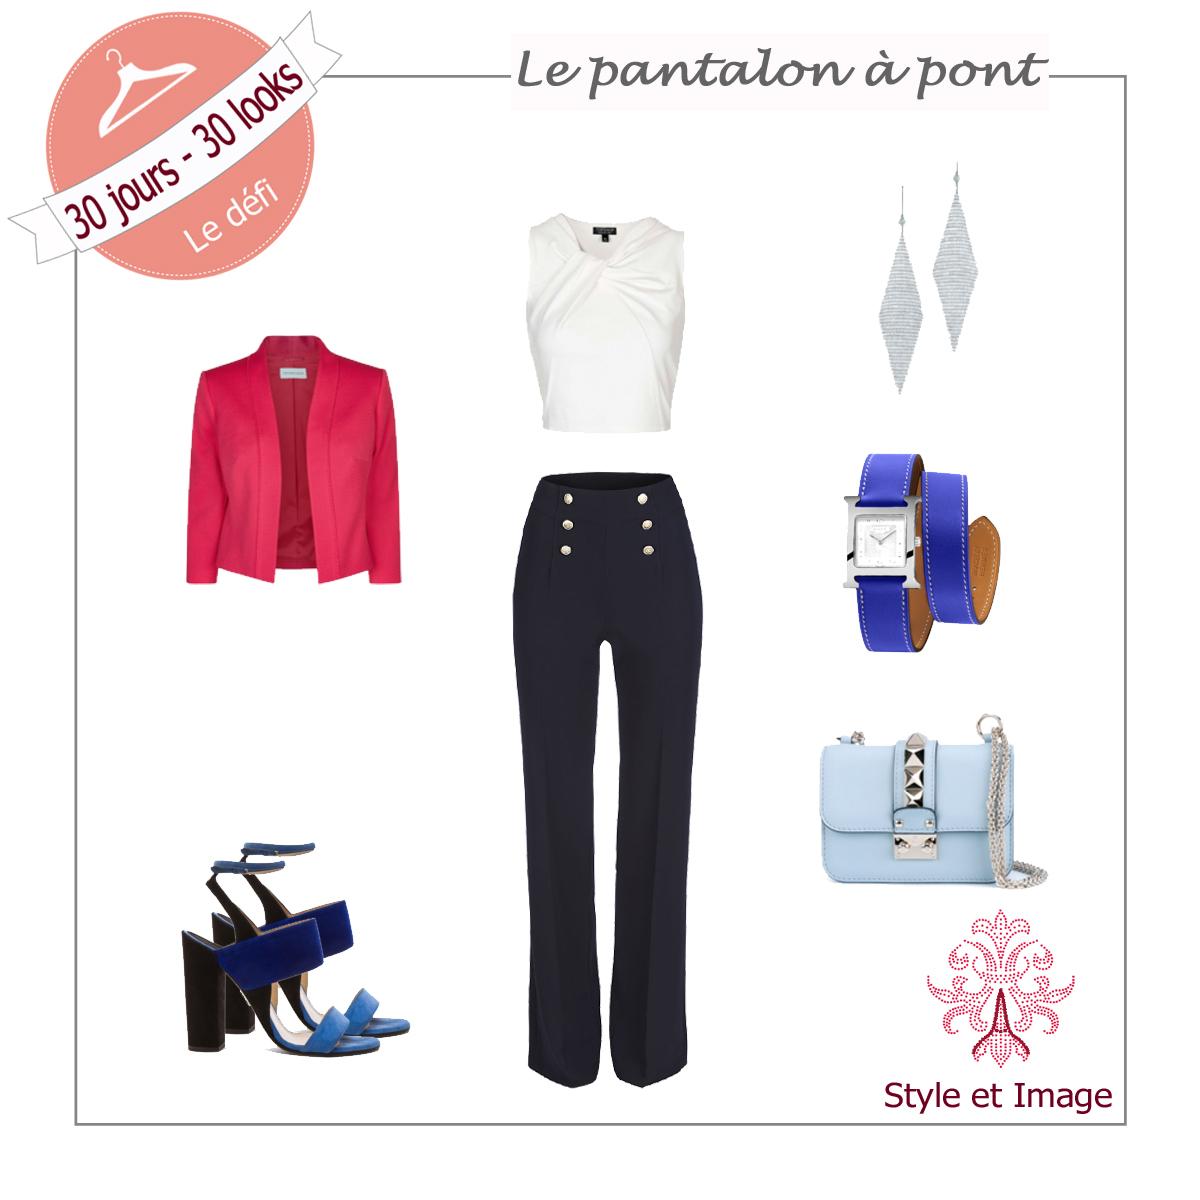 pantalon-a-pont